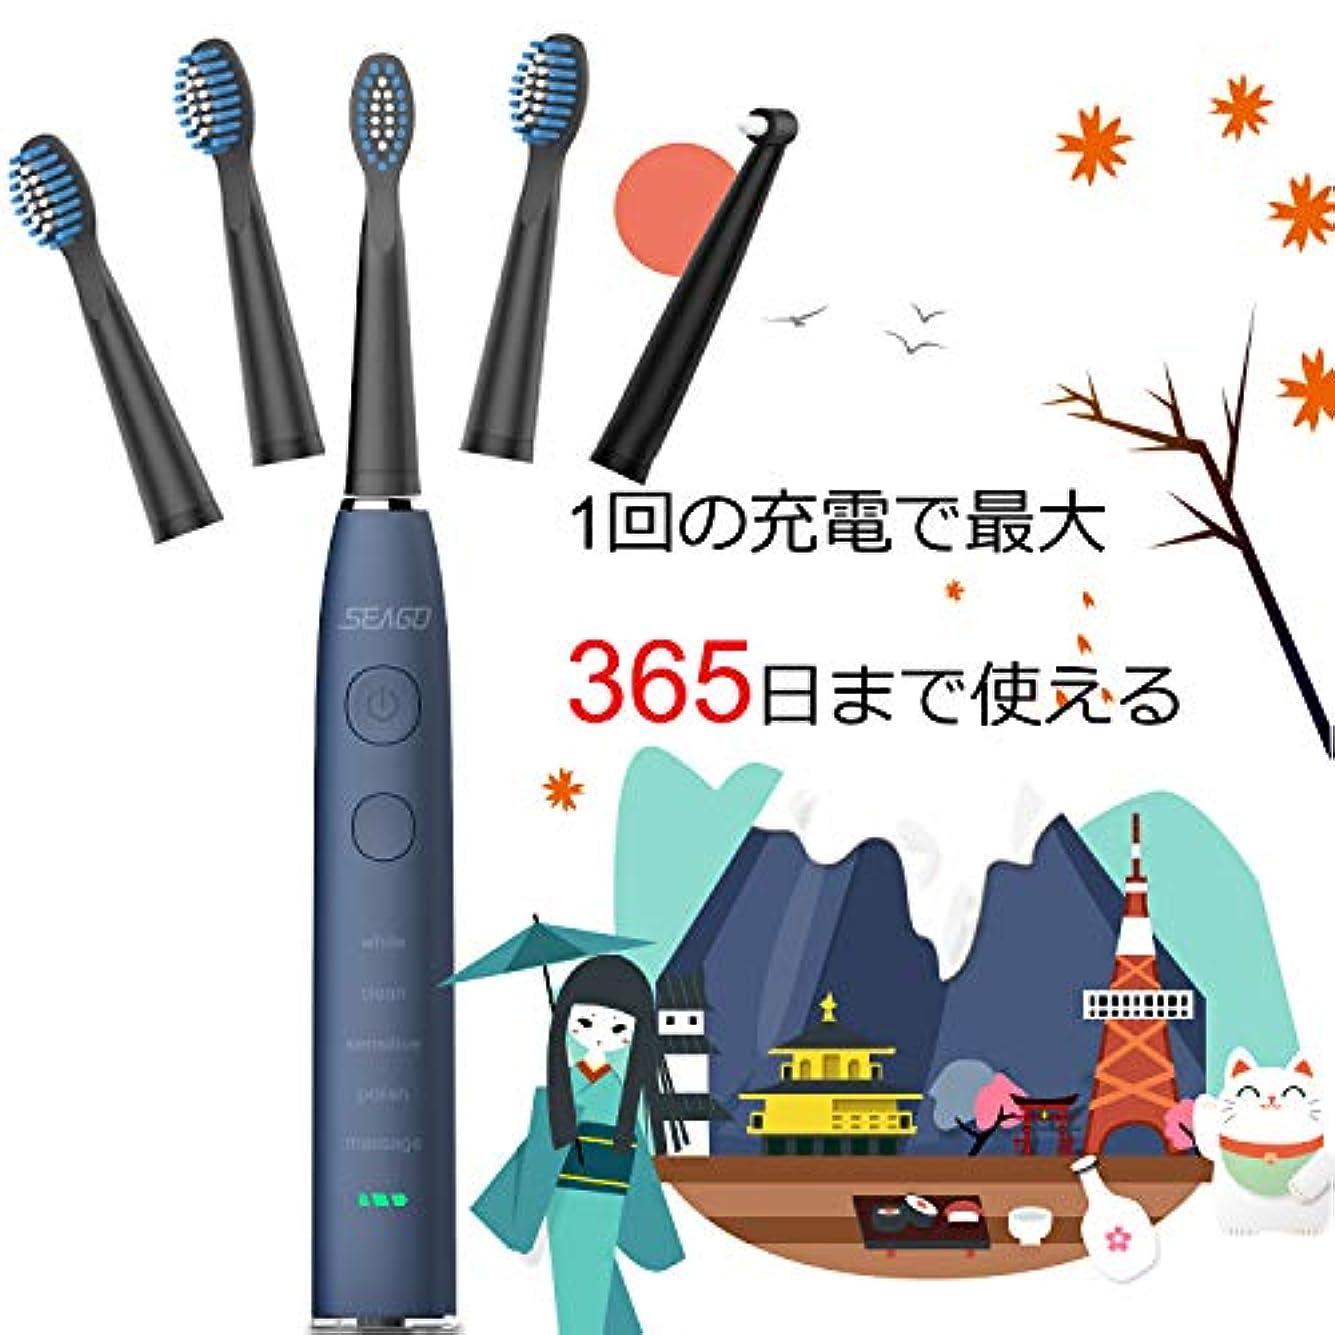 空港法王一杯電動歯ブラシ 歯ブラシ seago 音波歯ブラシ USB充電式8時間 365日に使用 IPX7防水 五つモードと2分オートタイマー機能搭載 替えブラシ5本 12ヶ月メーカー保証 SG-575(ブルー)